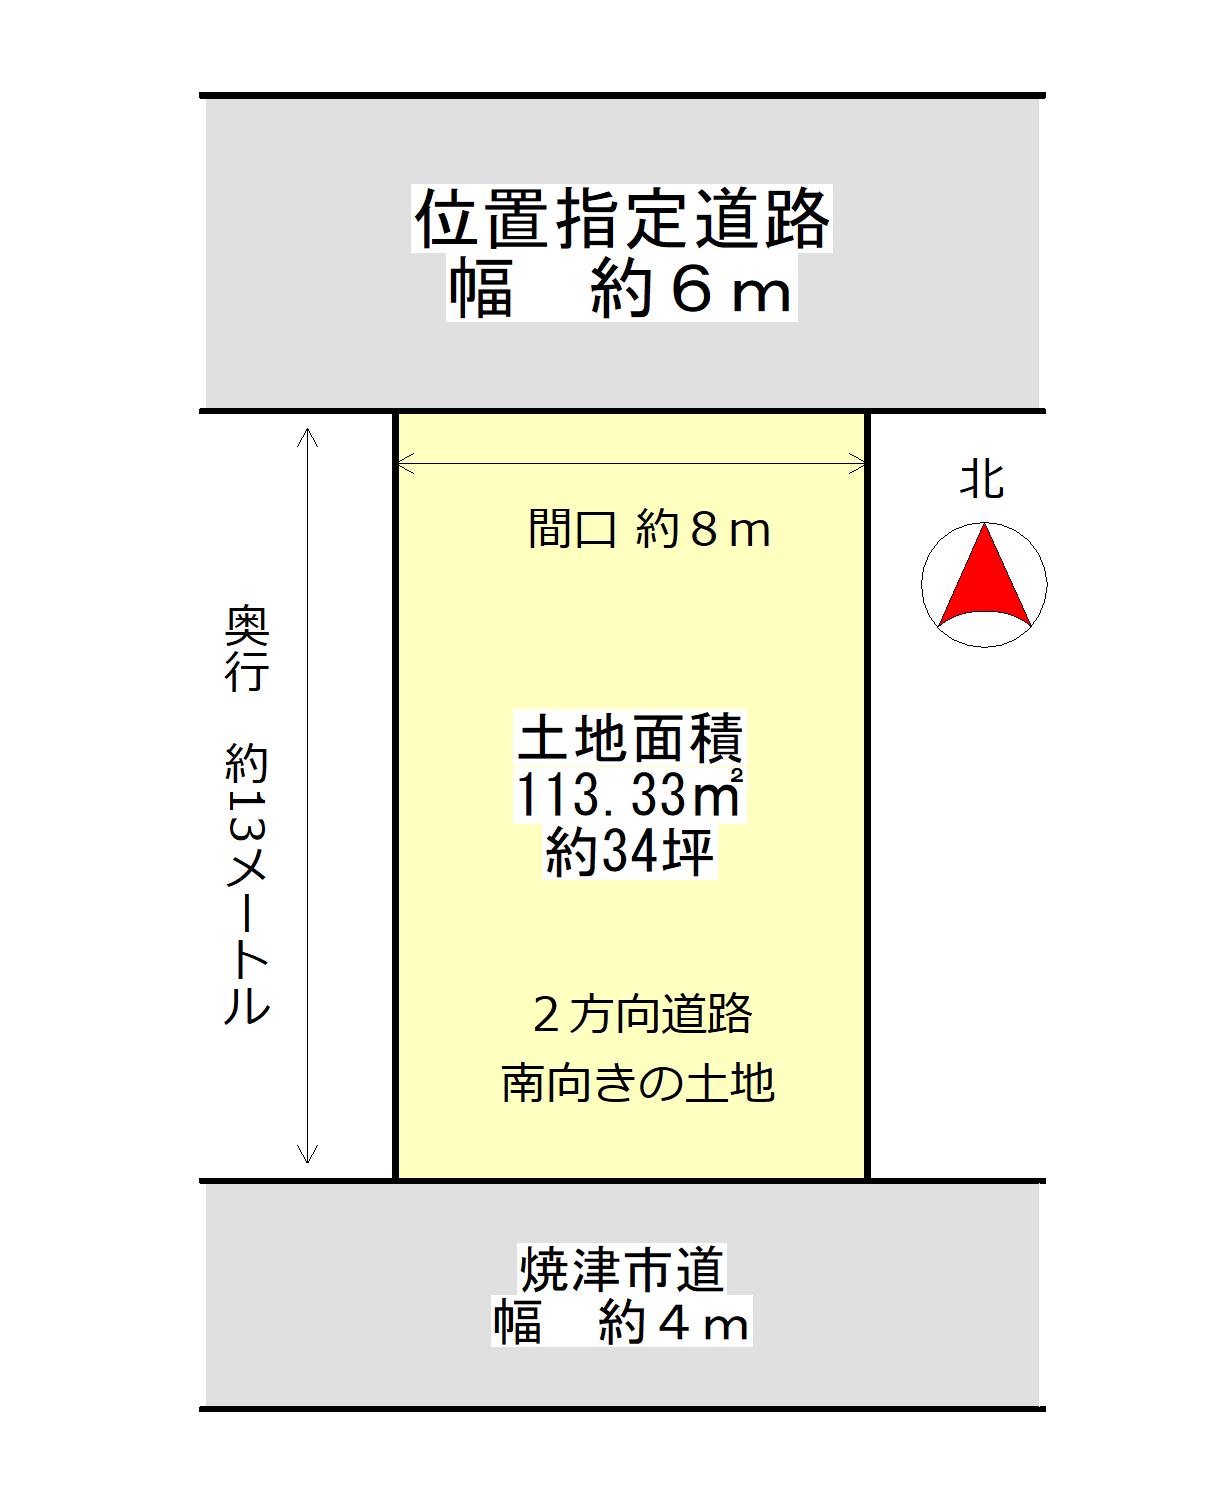 焼津市中新田 スーパー富士屋徒歩圏内 コンパクトな住宅用地に最適